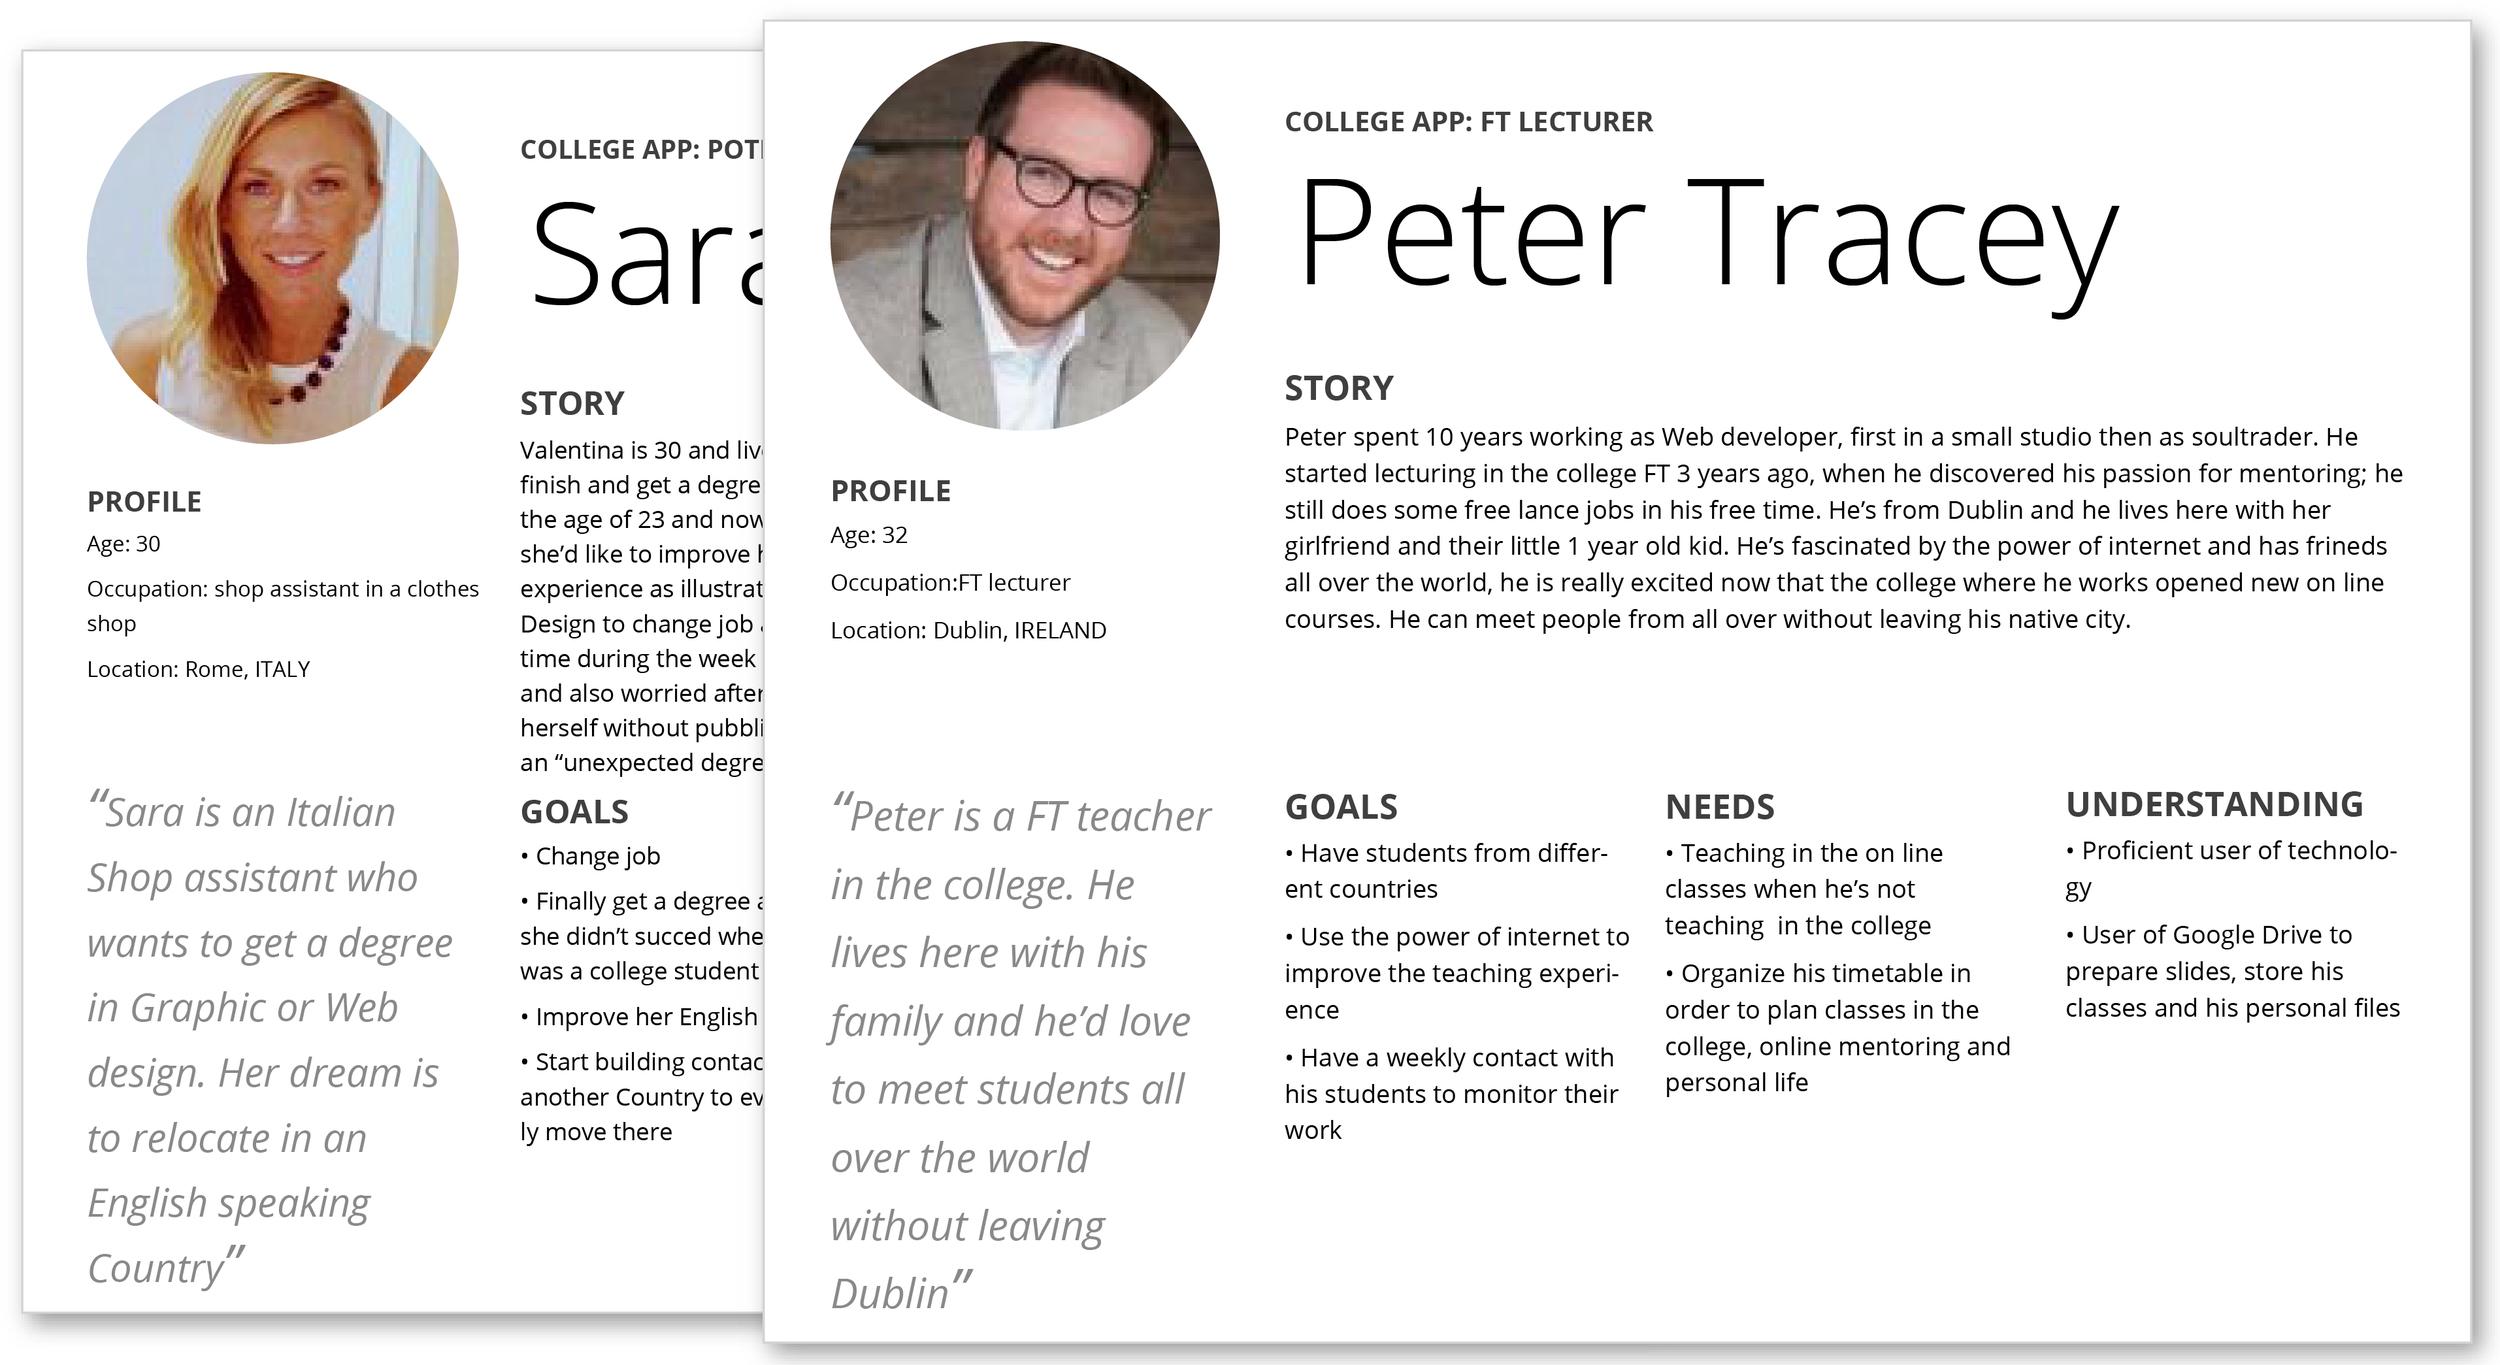 Personas and scenarios  (Adobe Illustrator)